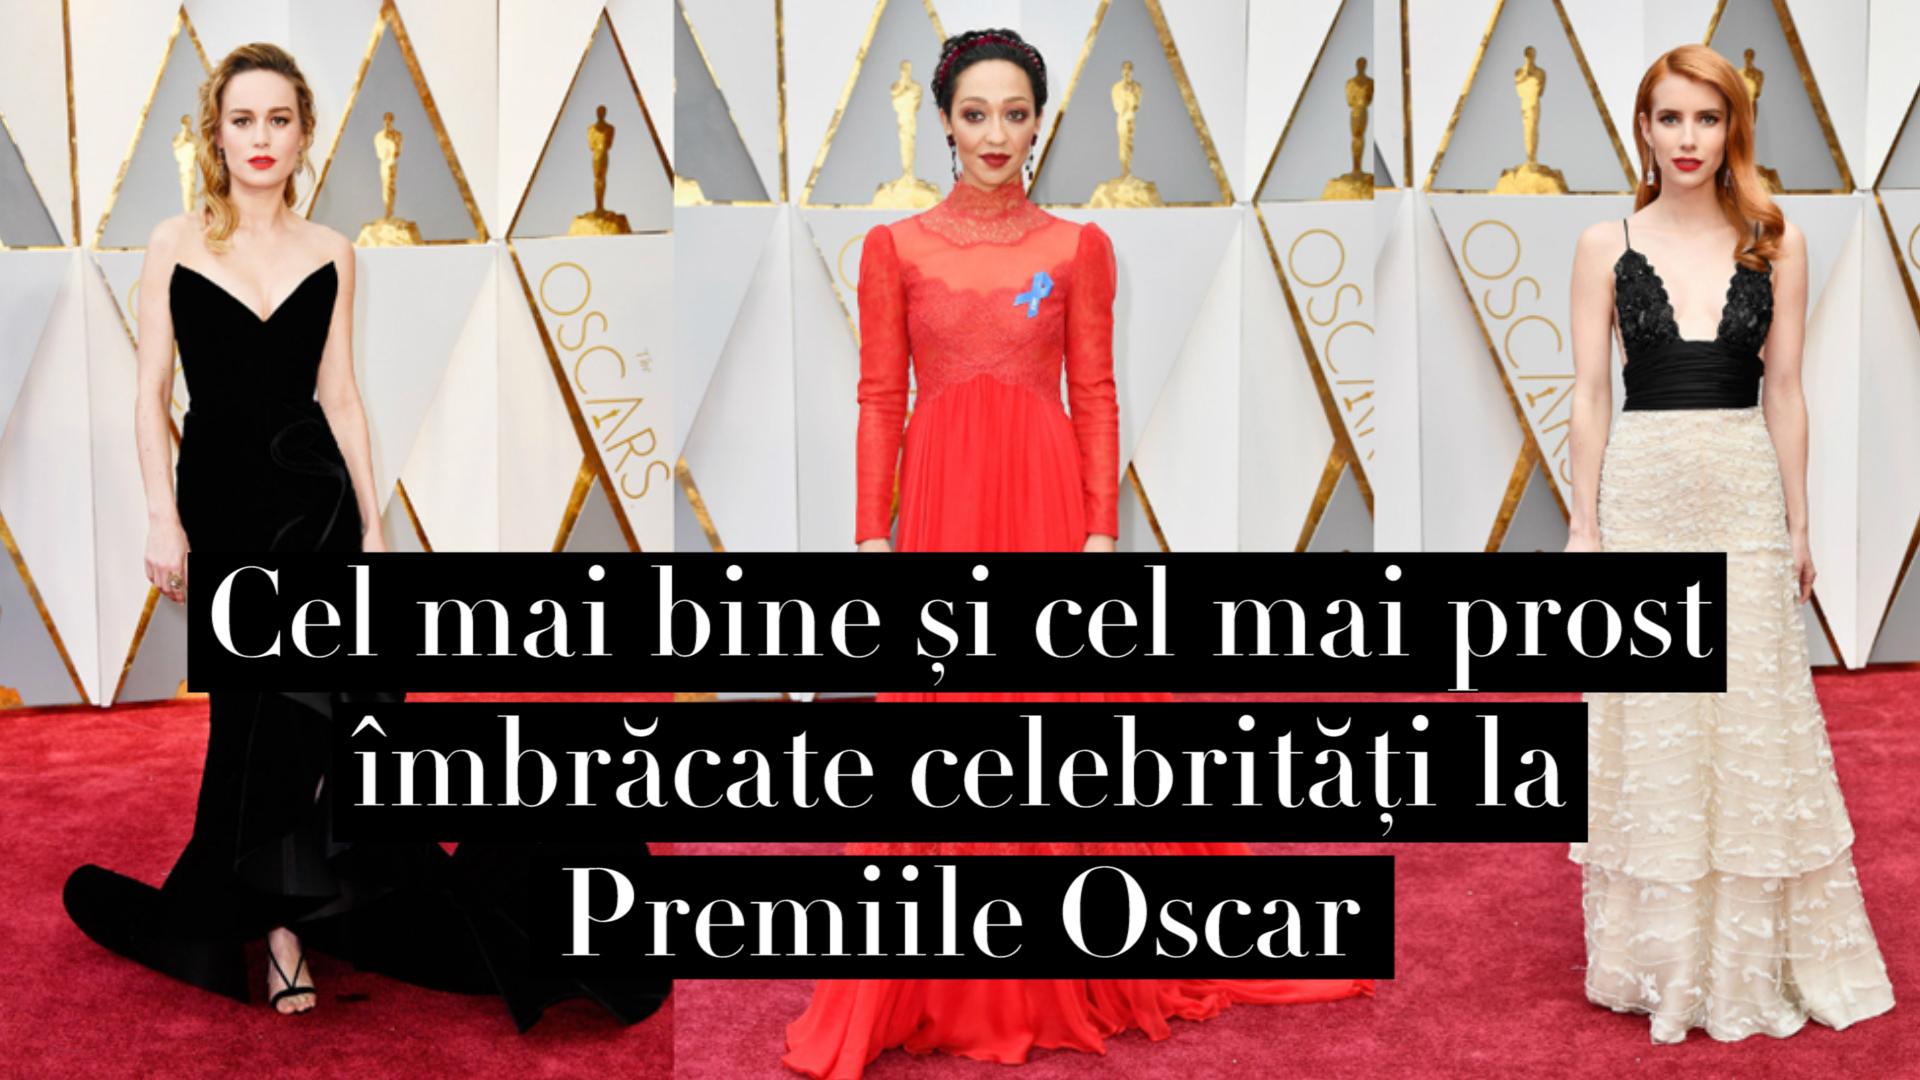 Cel mai bine si cel mai prost imbracate celebritati la Premiile Oscar (VIDEO)